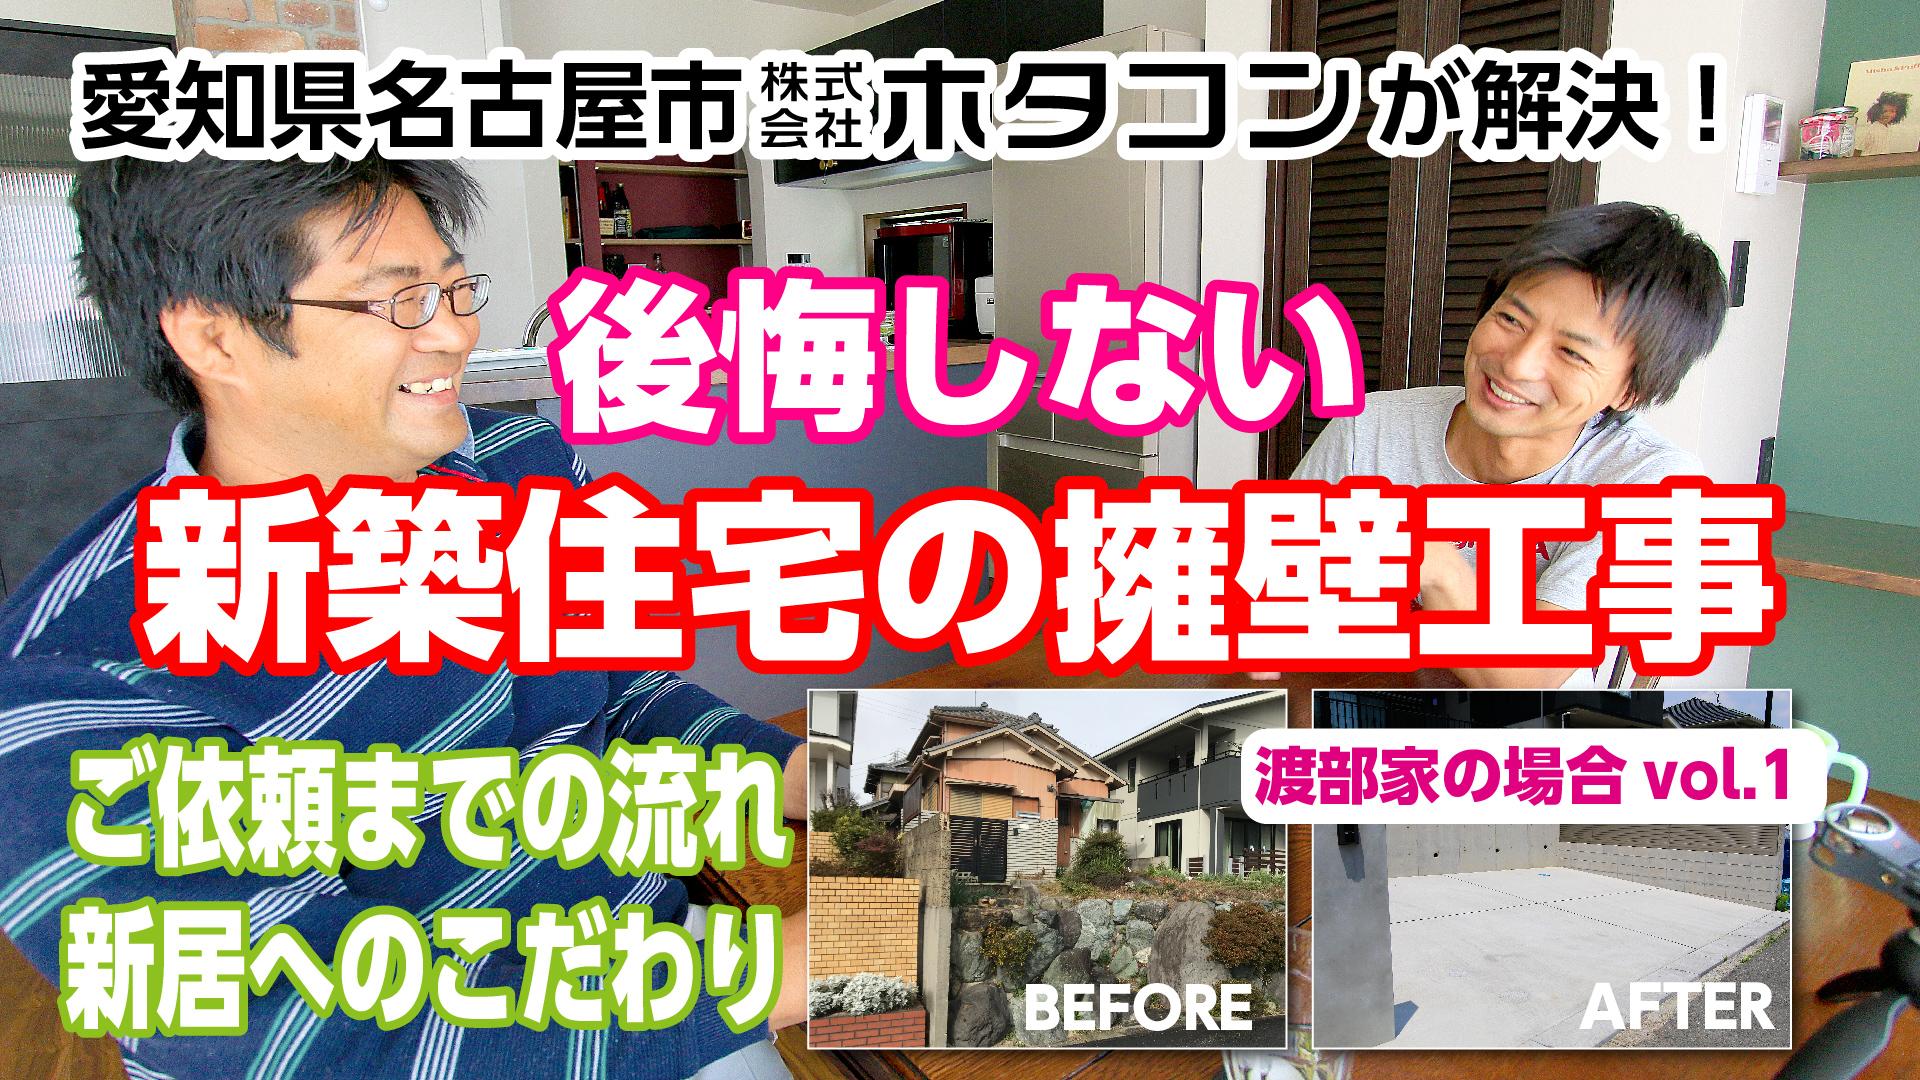 ホタコン施工実績 お客様の声 01 渡部家の場合 1/3